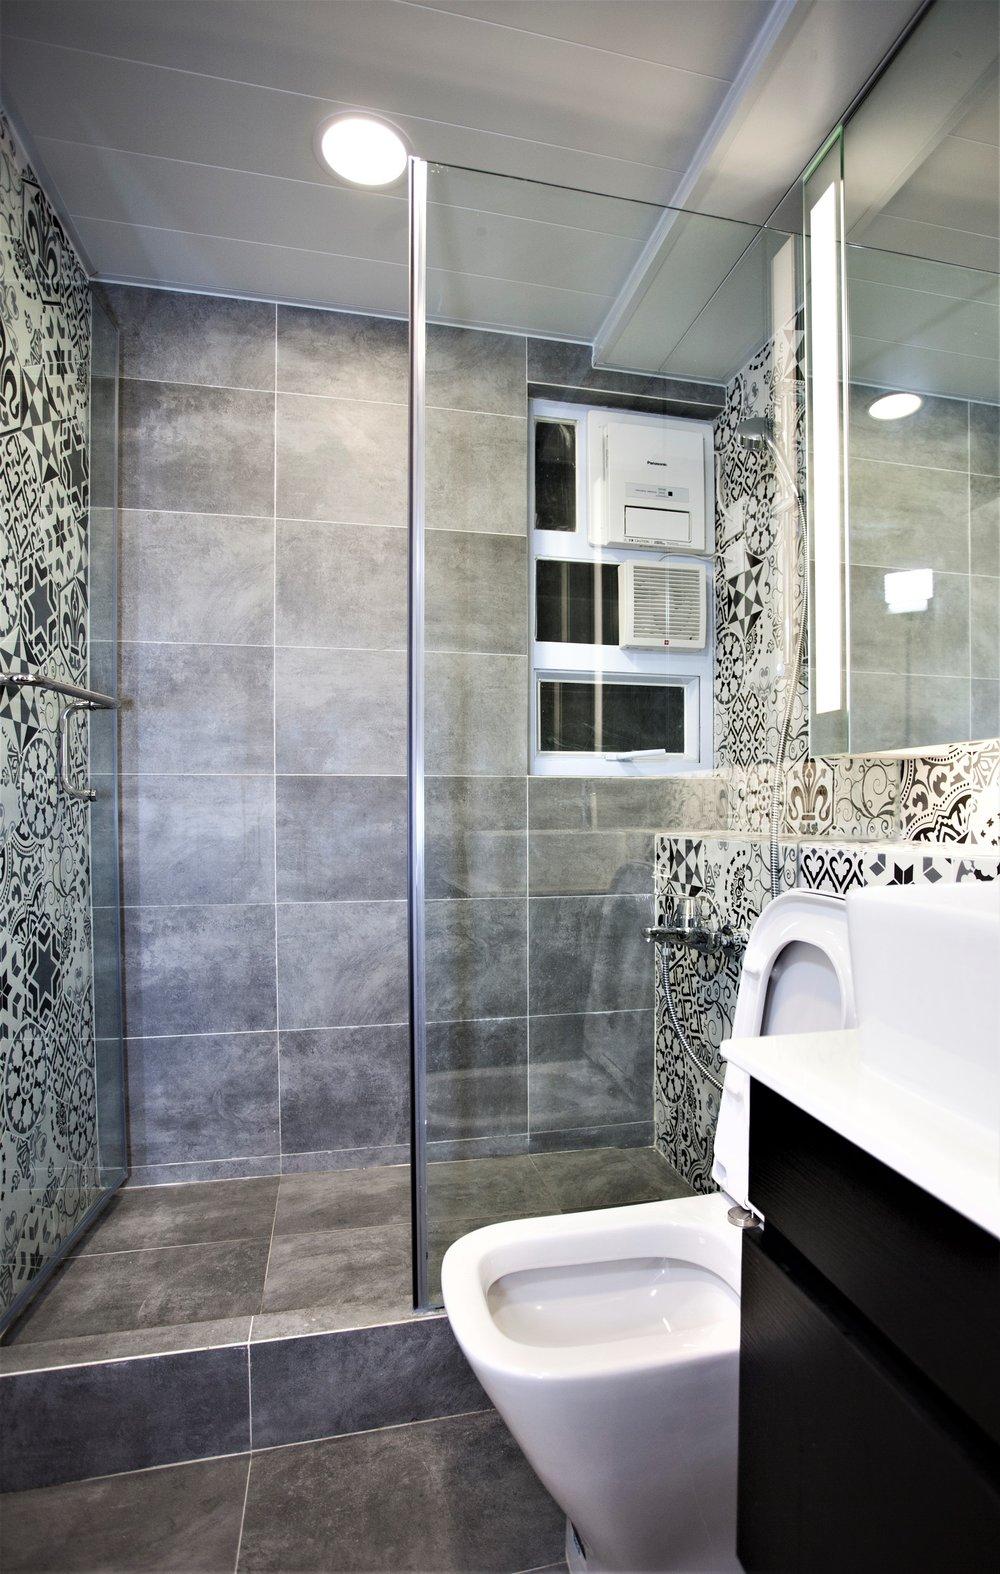 浴室-1 - 複製.JPG